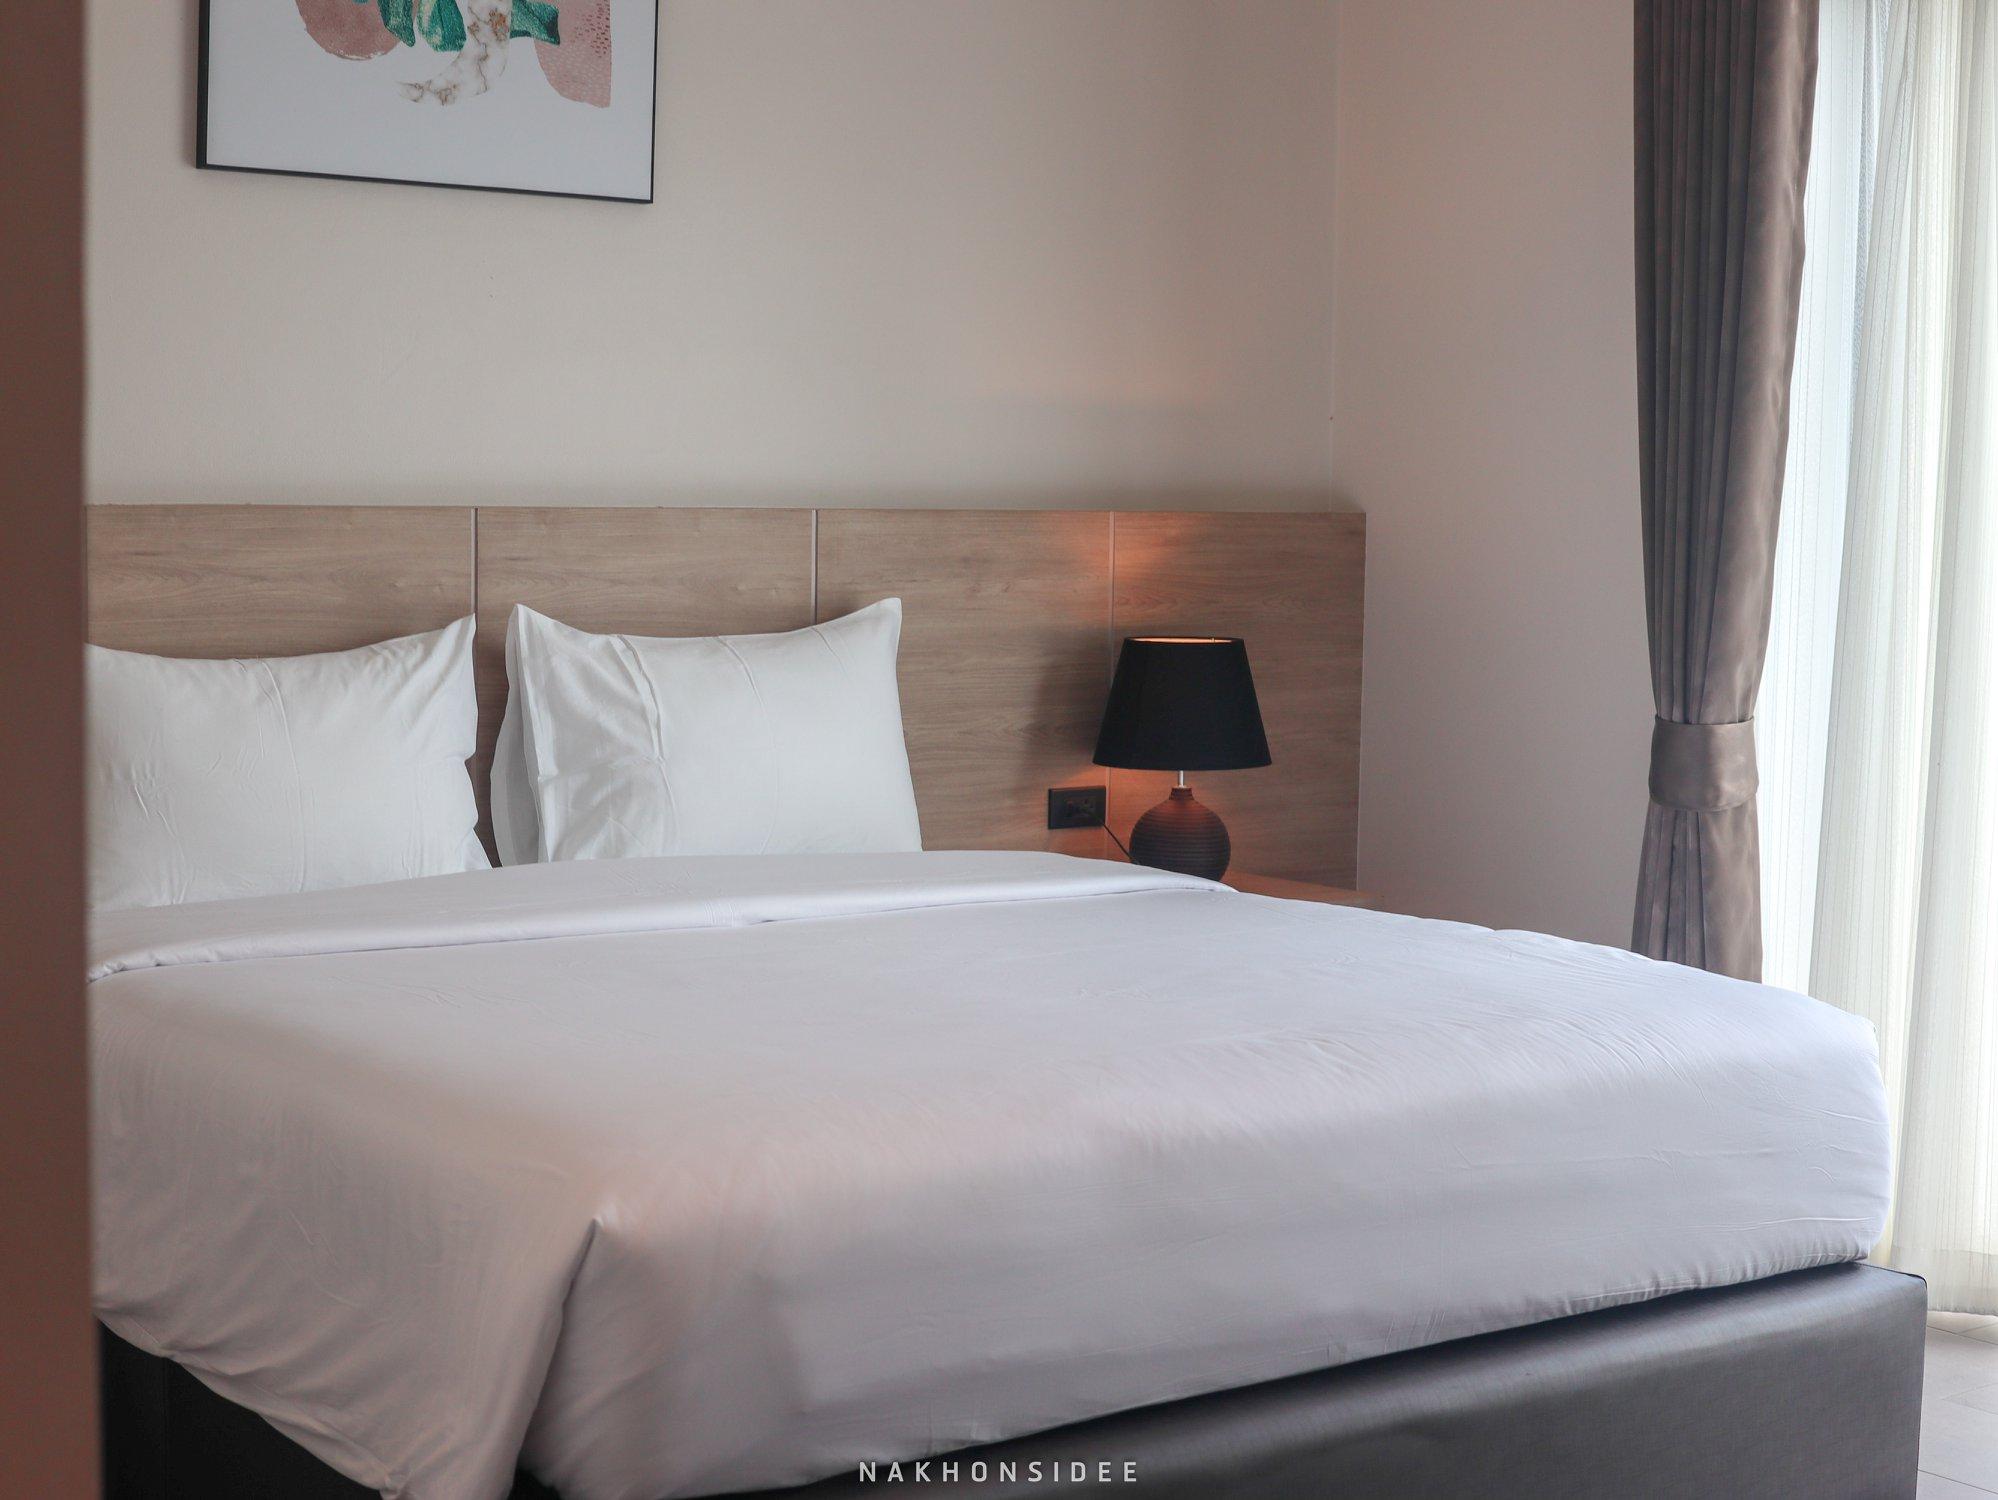 โรงแรม,นครศรี,พูลวิลล่า,สะดวก,สบาย,สุดสวย,เปิดใหม่,ใกล้สนามบิน,นครศรีธรรมราช